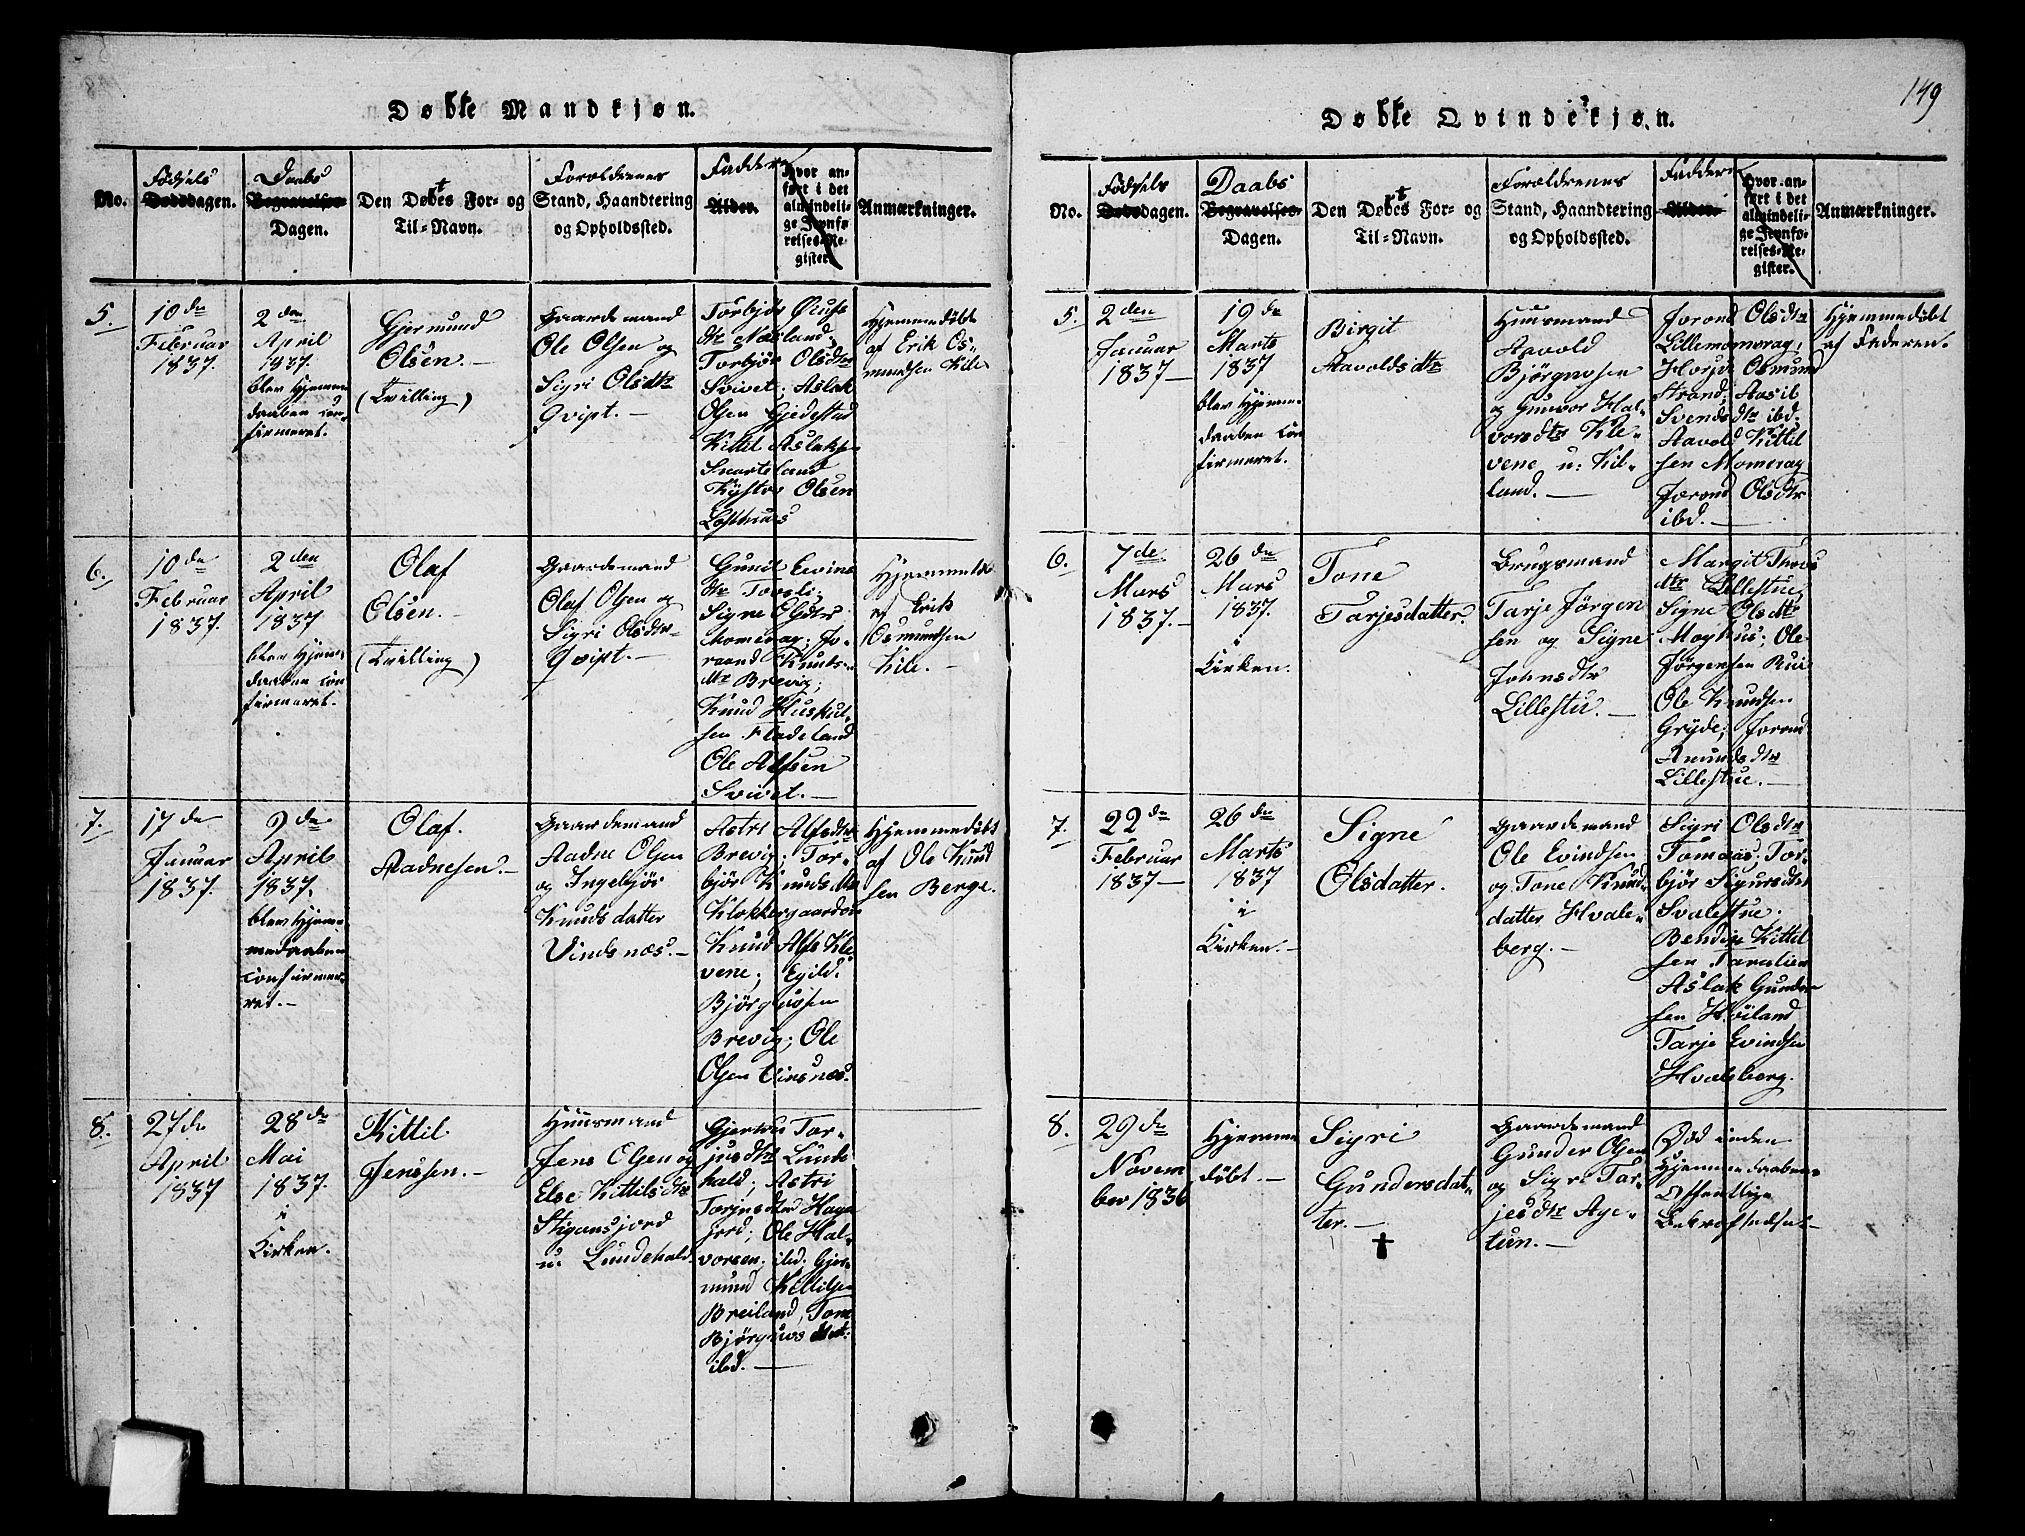 SAKO, Fyresdal kirkebøker, G/Ga/L0001: Klokkerbok nr. I 1, 1816-1840, s. 149